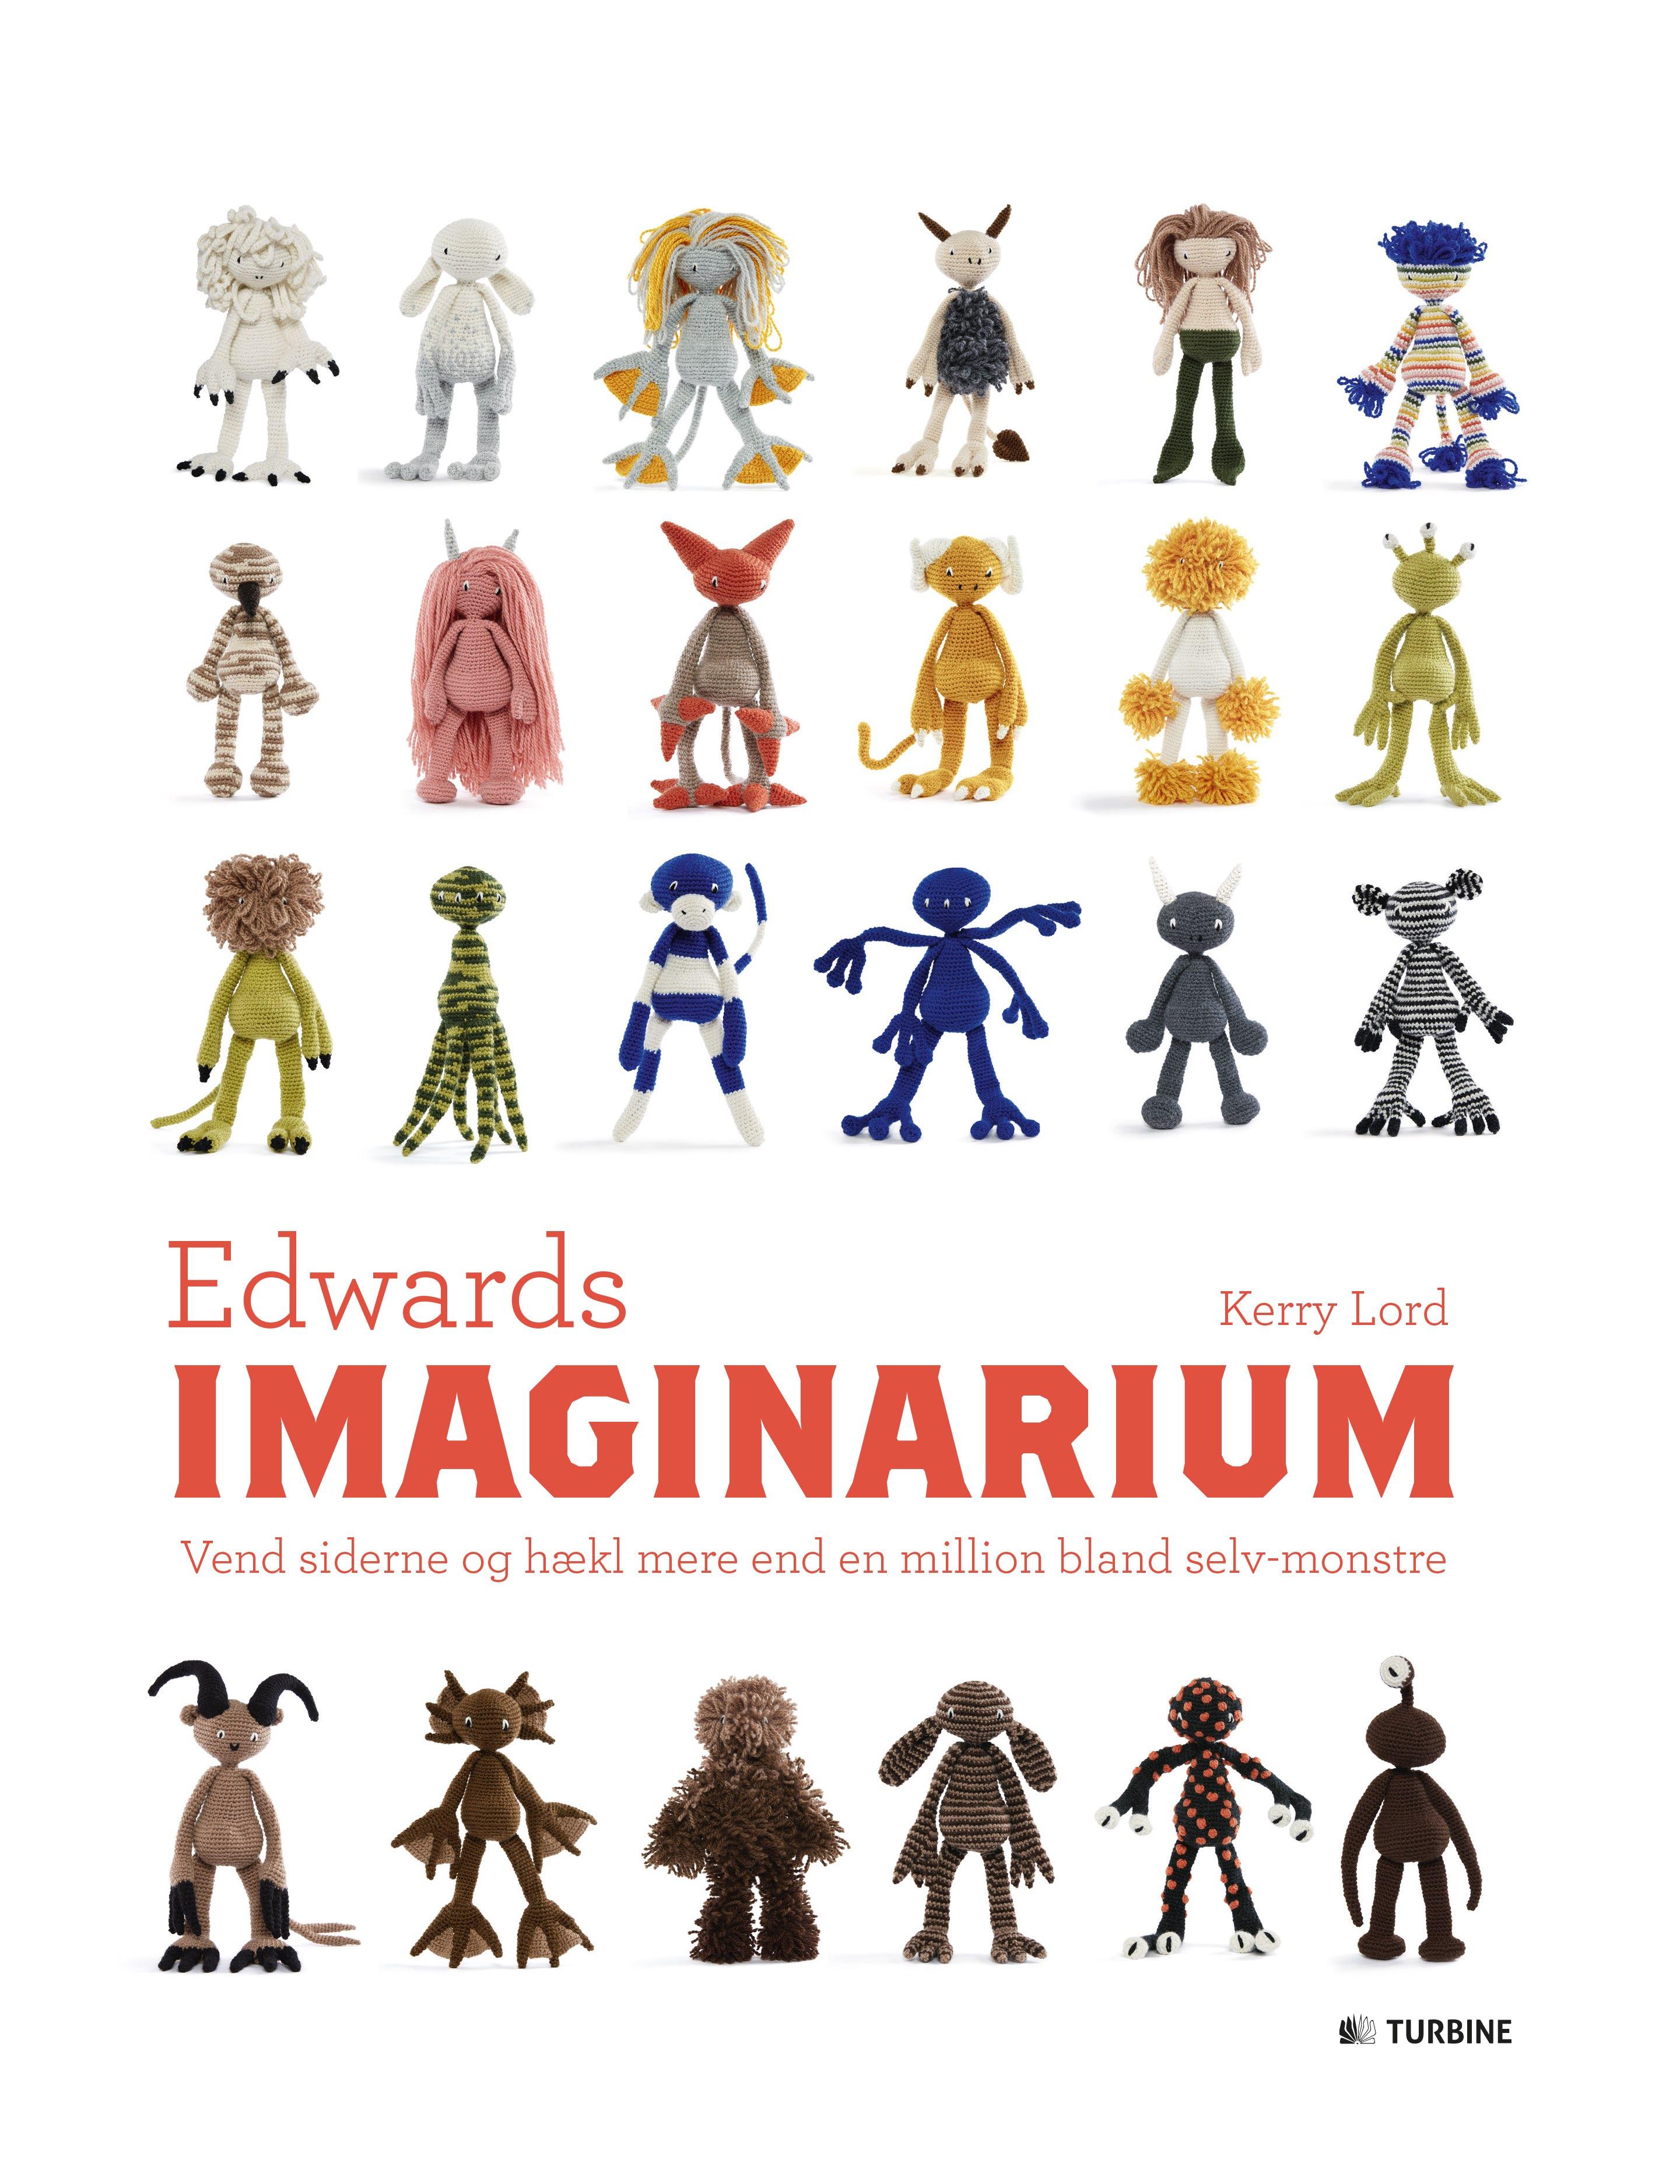 Edwards imaginarium